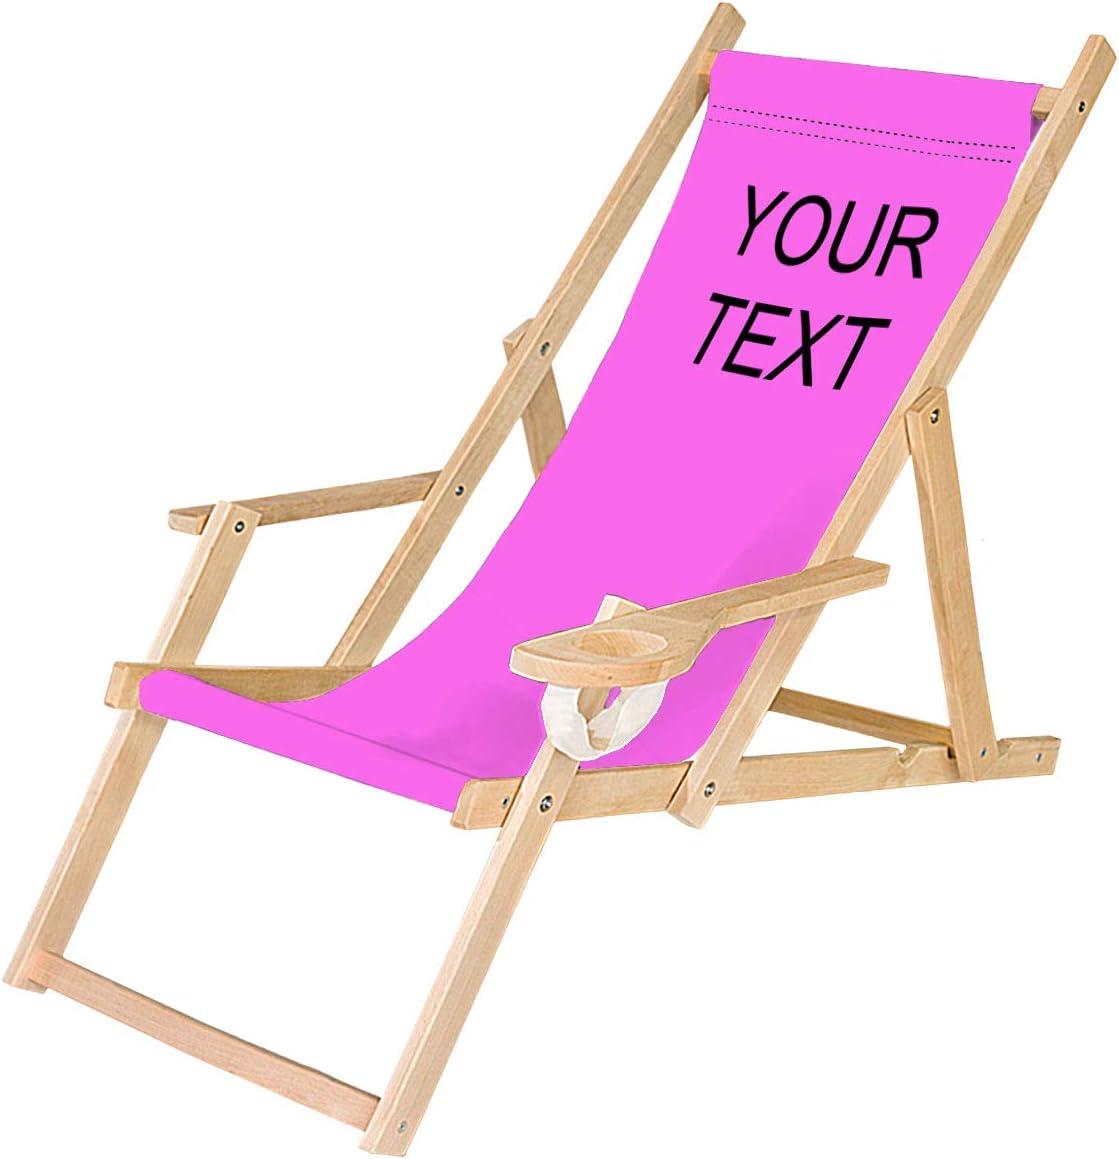 Ferocity Tumbona Plegable de Madera con Reposabrazos y Soporte para Bebidas Silla de Playa Personalizable Diseño Rosa, tu Texto [119]